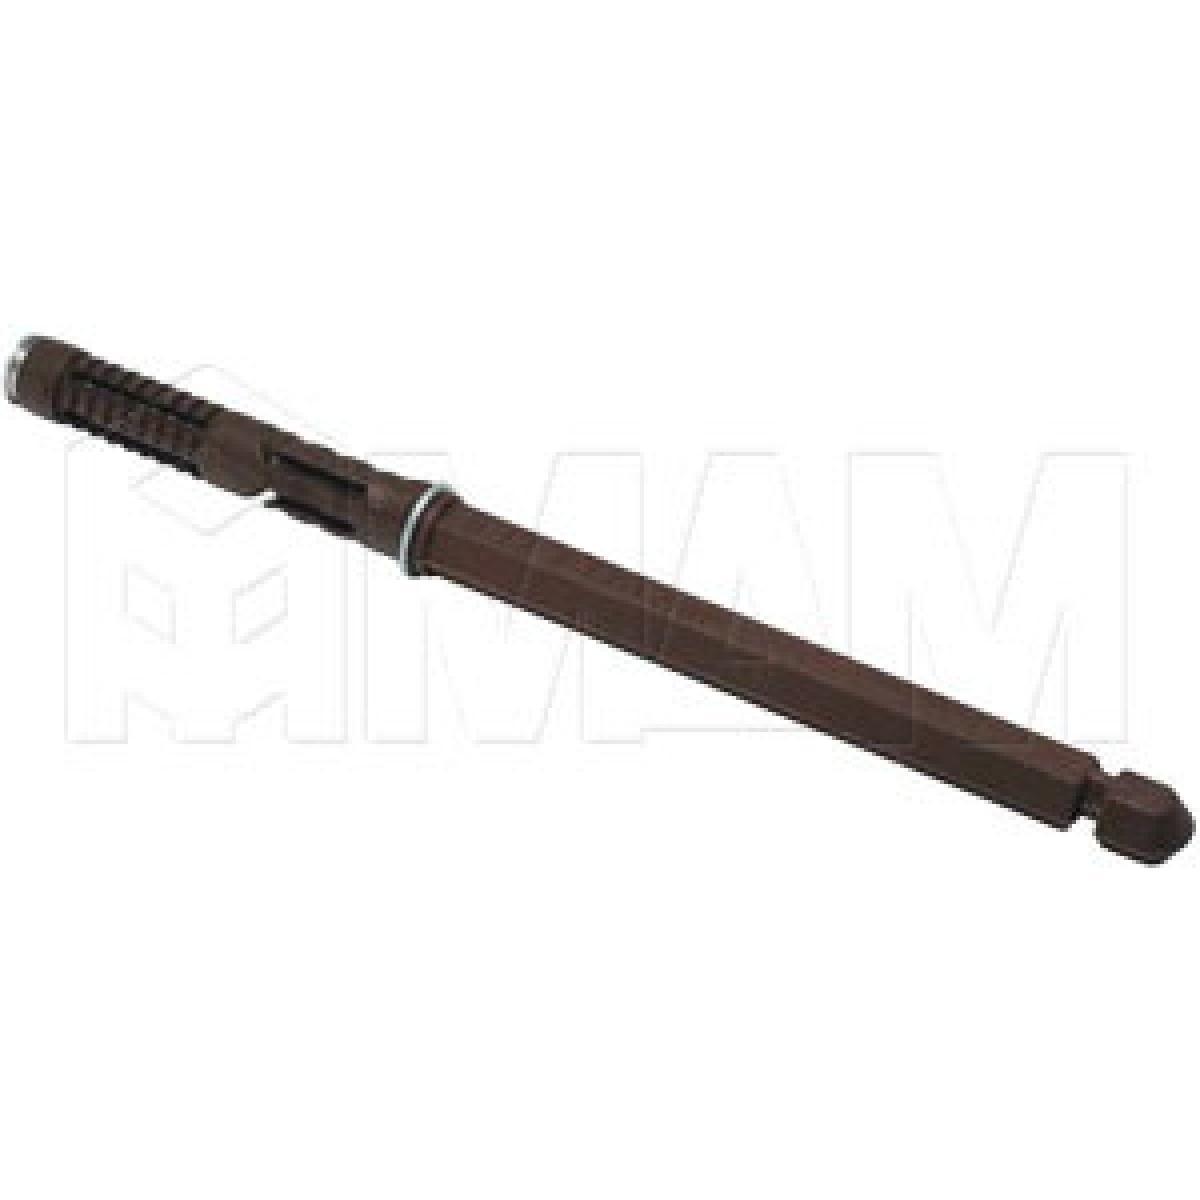 Скрытый менсолодержатель для деревянных полок толщиной от 18 мм